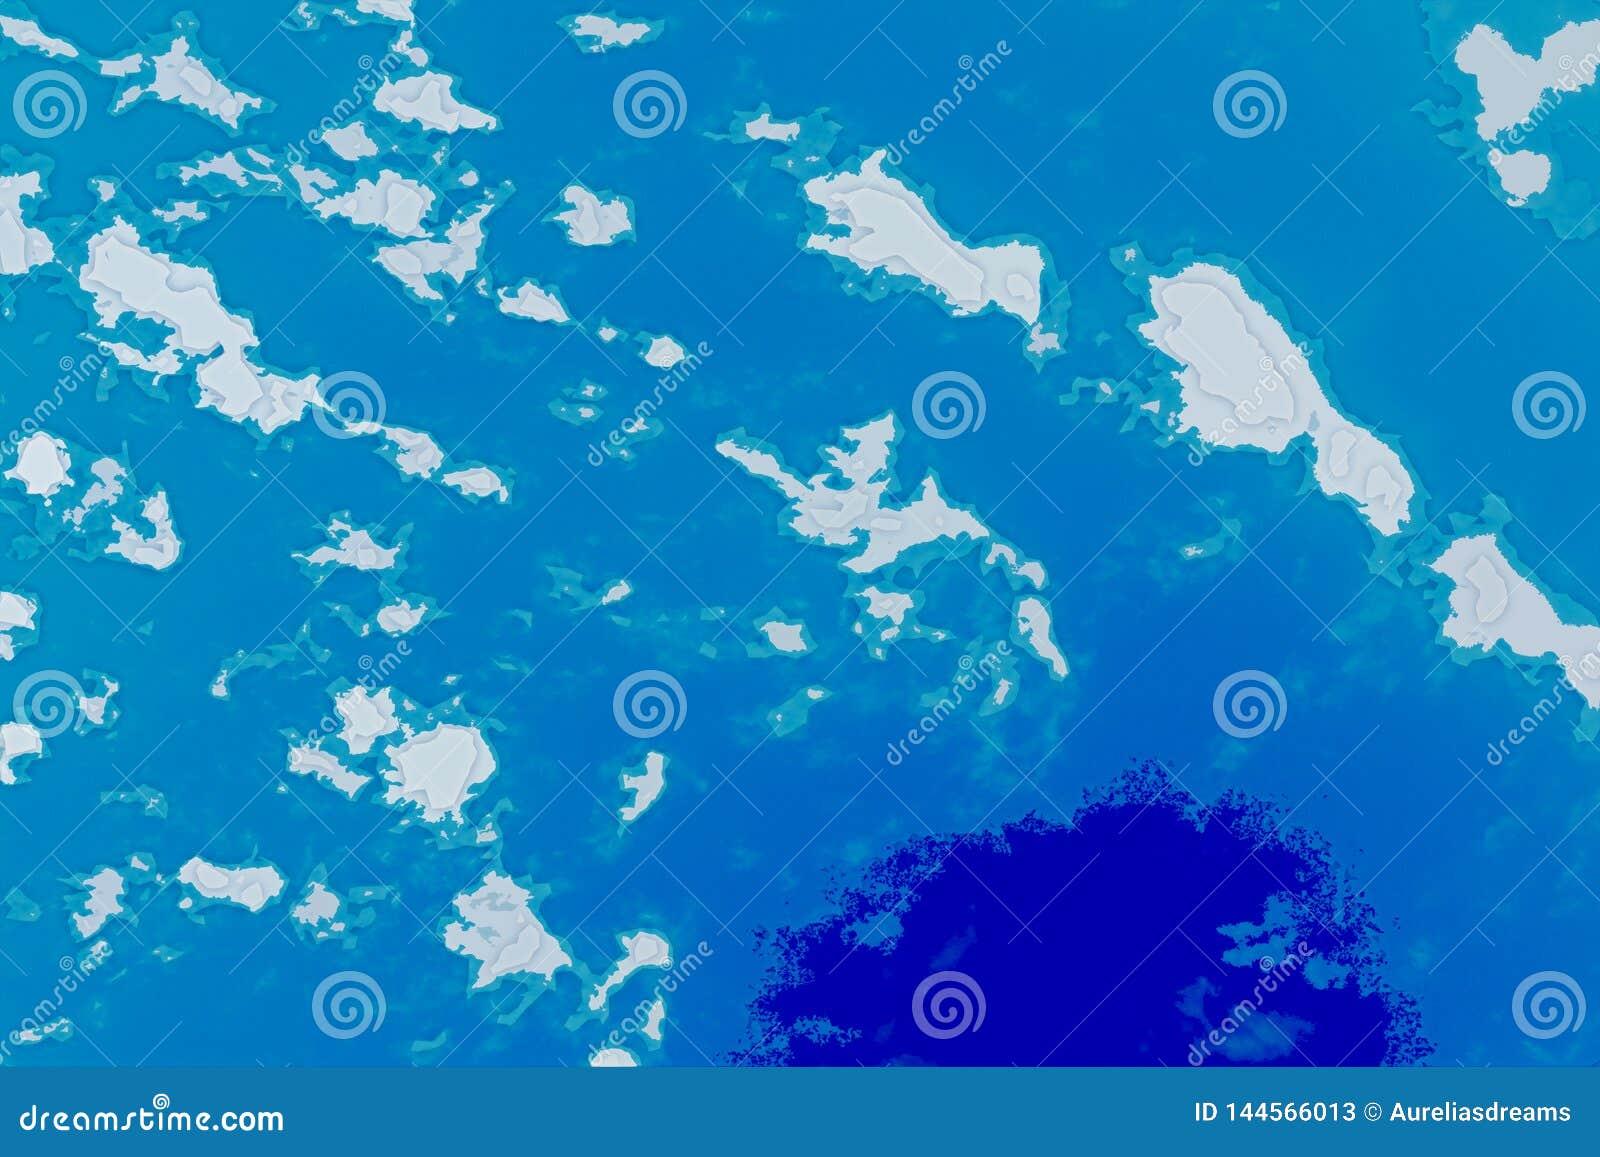 白色,蓝色和深蓝背景纹理 与北部海岸线,海,海洋,冰,山,云彩的抽象地图